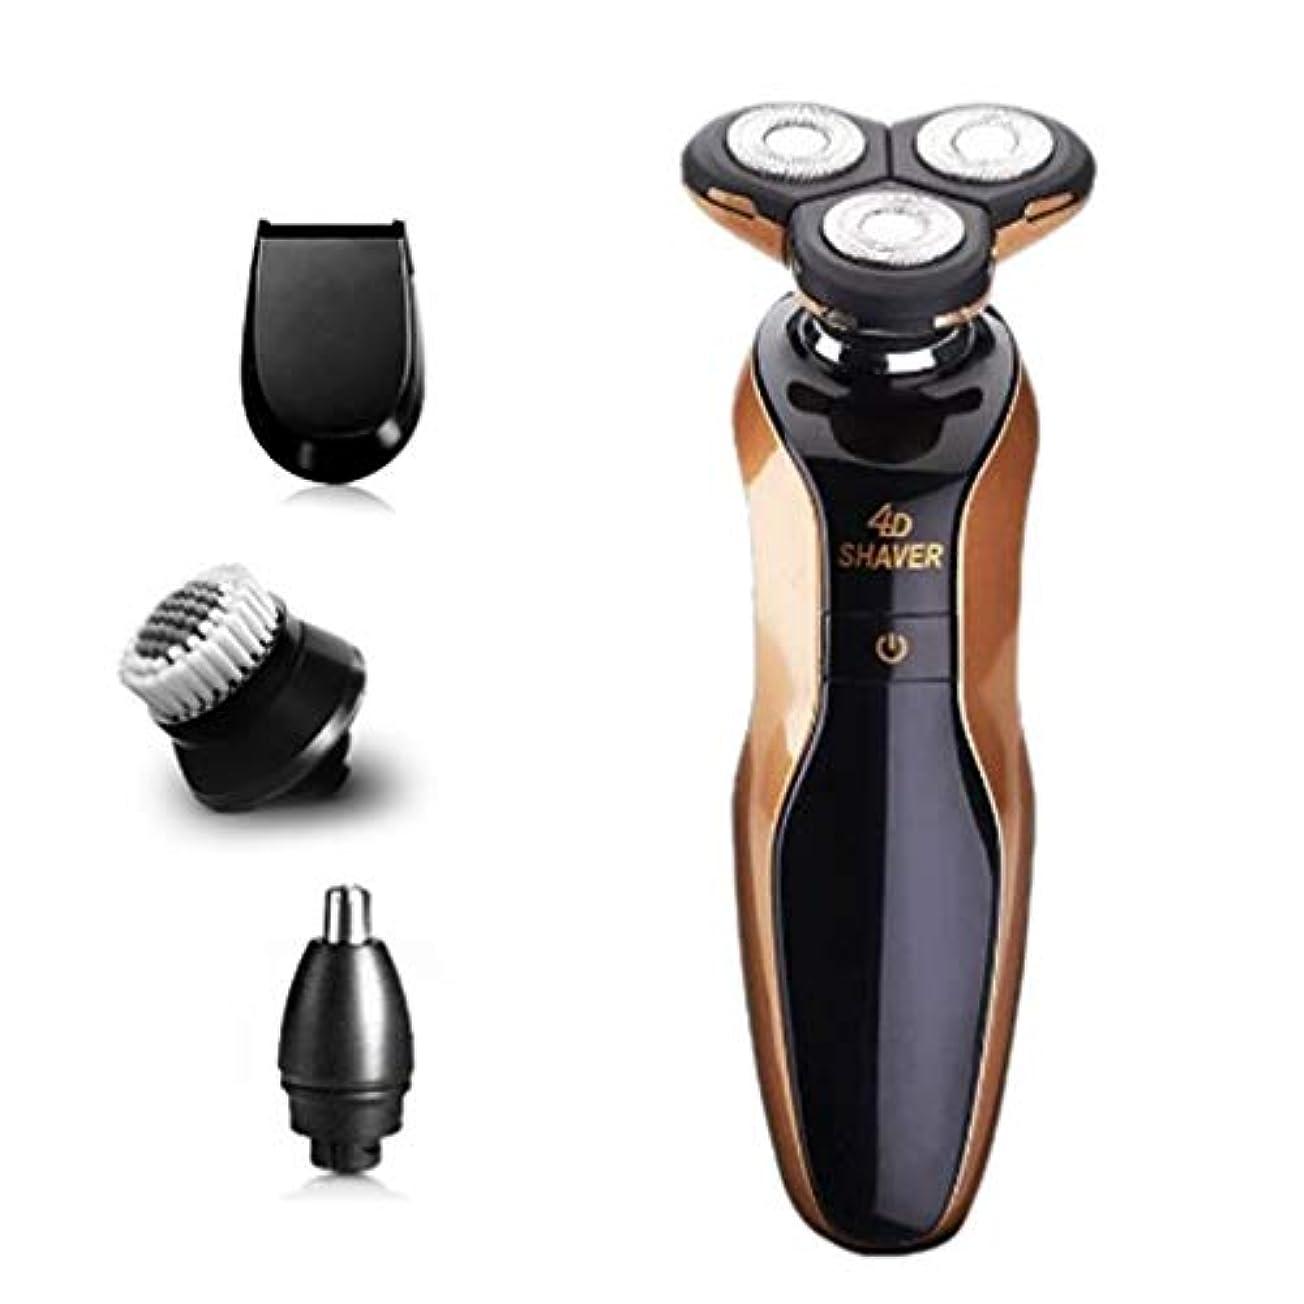 なかなかトラブル熟達したRQ-310 USB電気かみそり男性洗えるウェット?ドライかみそり鼻毛トリマー角度ナイフクリーナーキット4D浮動カッターヘッド